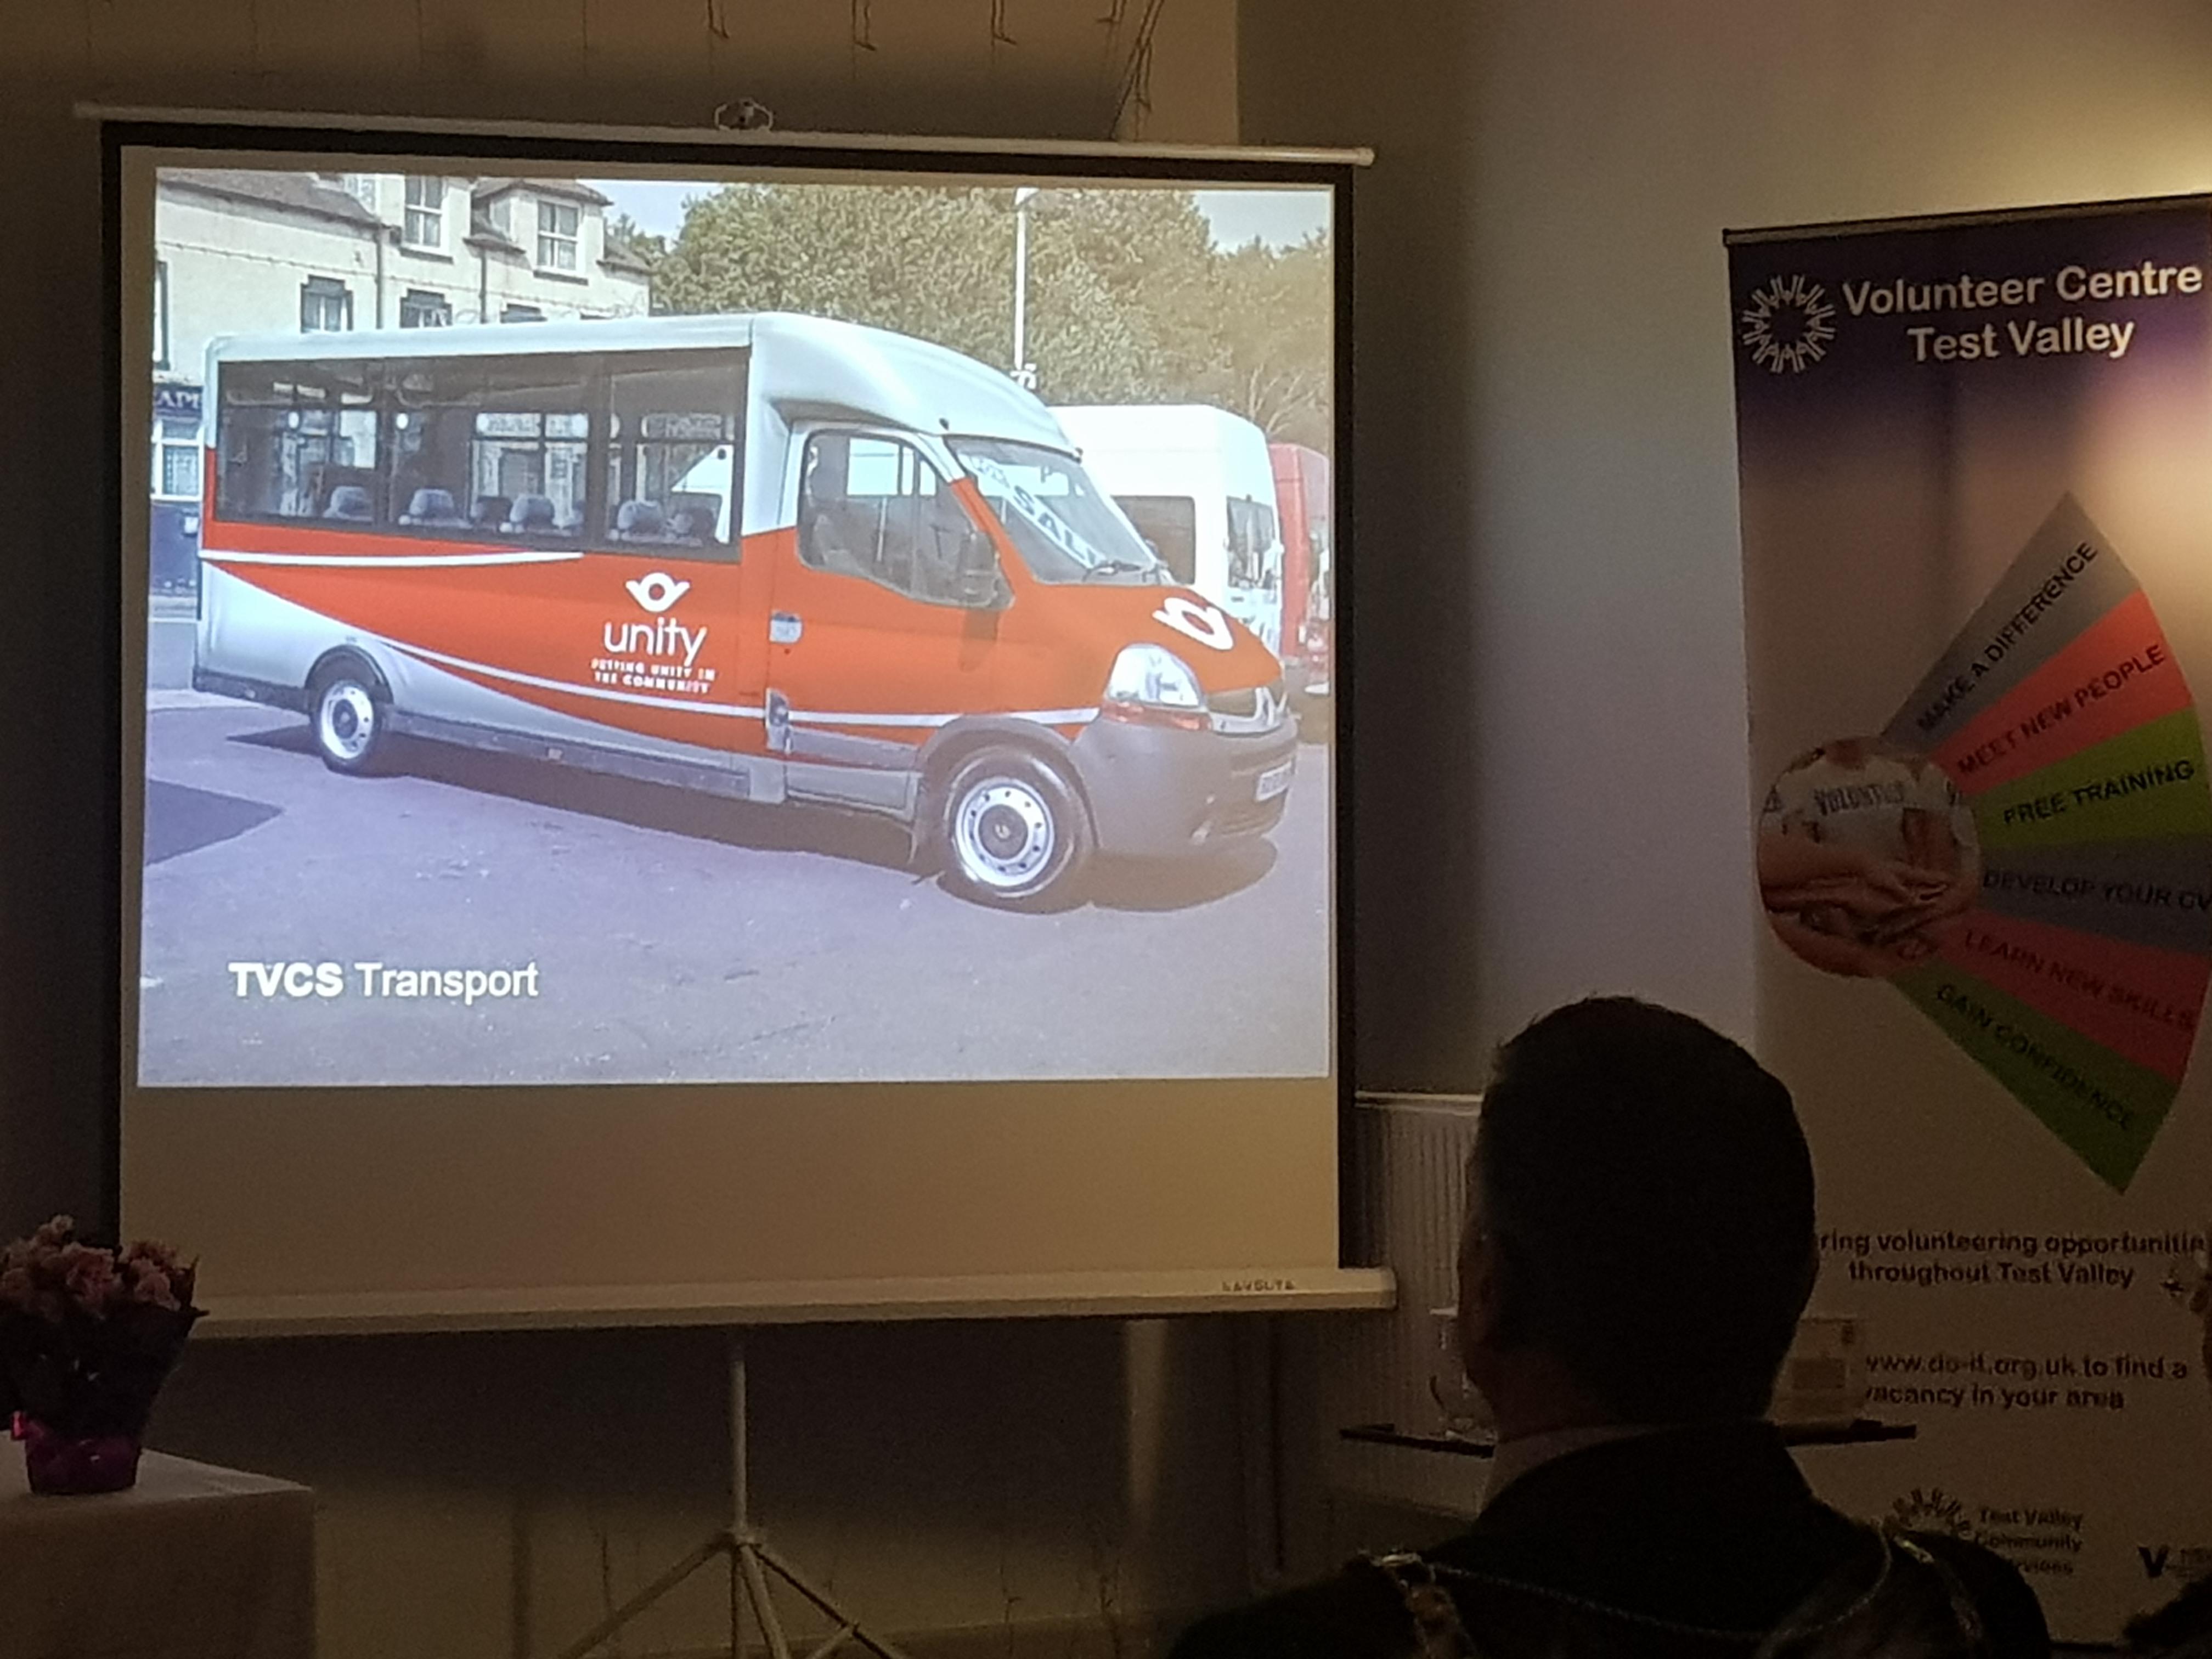 Unity minibus